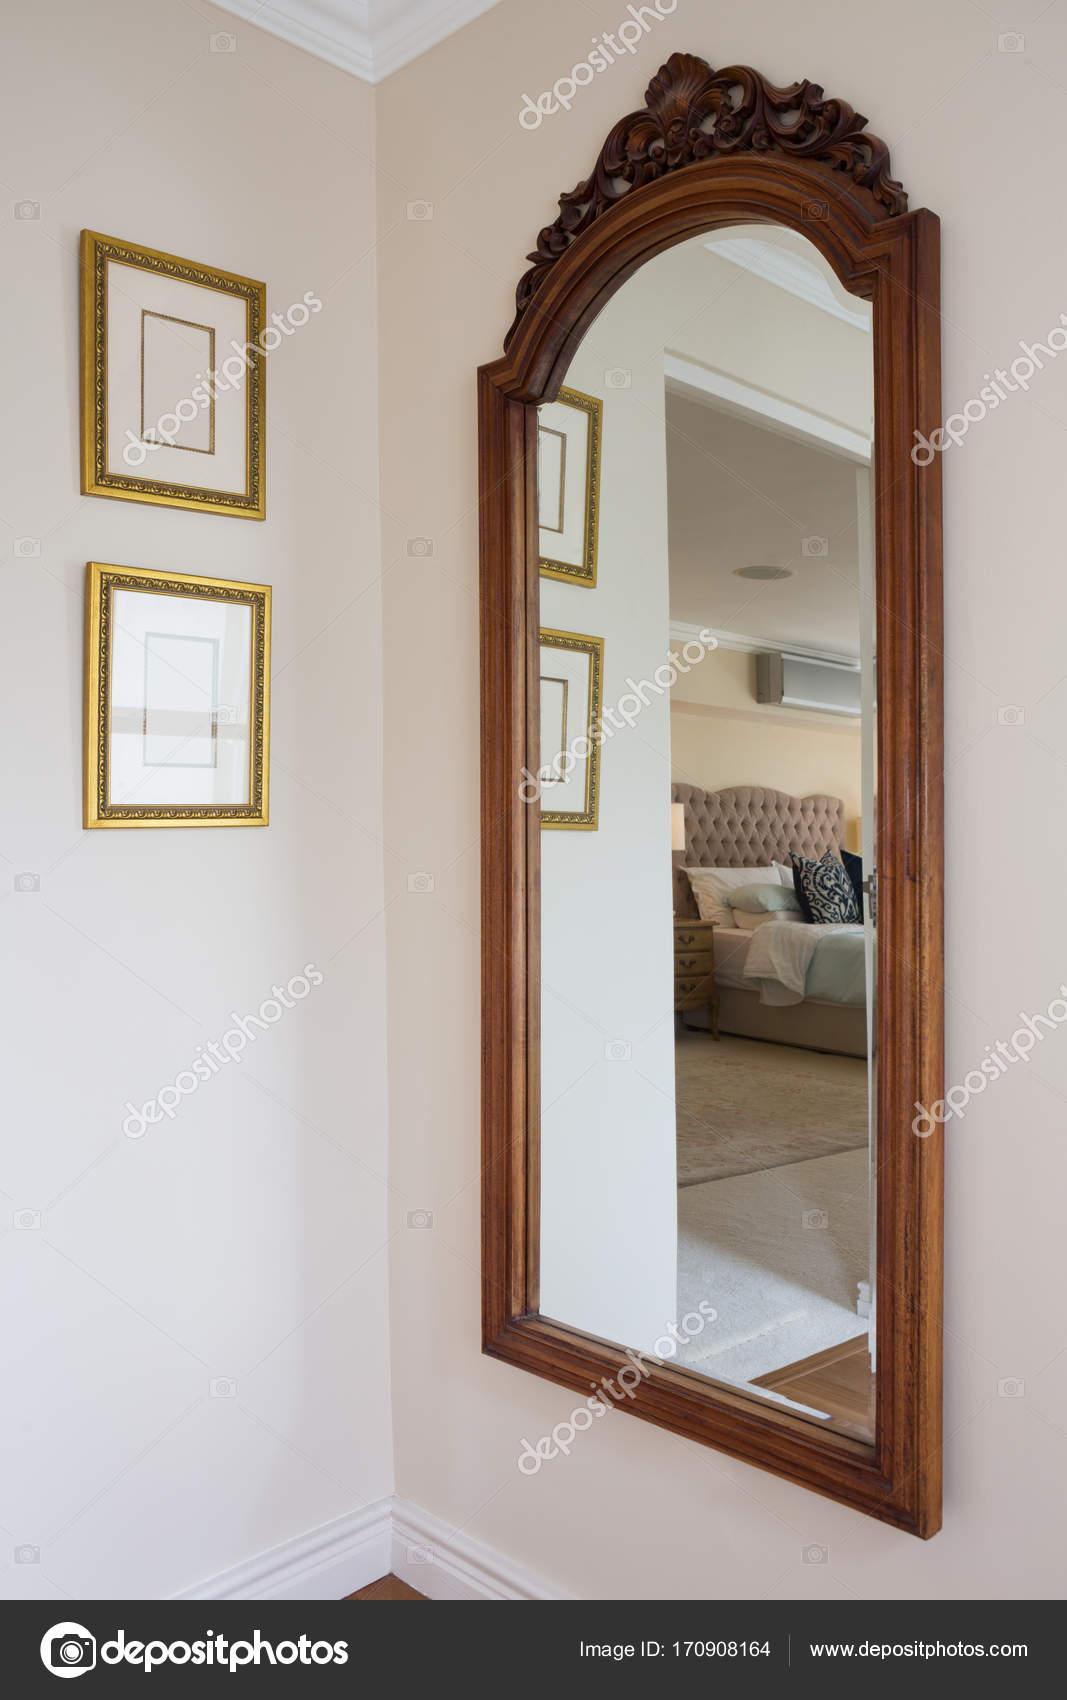 Espejo con marco madera en pared — Foto de stock © Wavebreakmedia ...